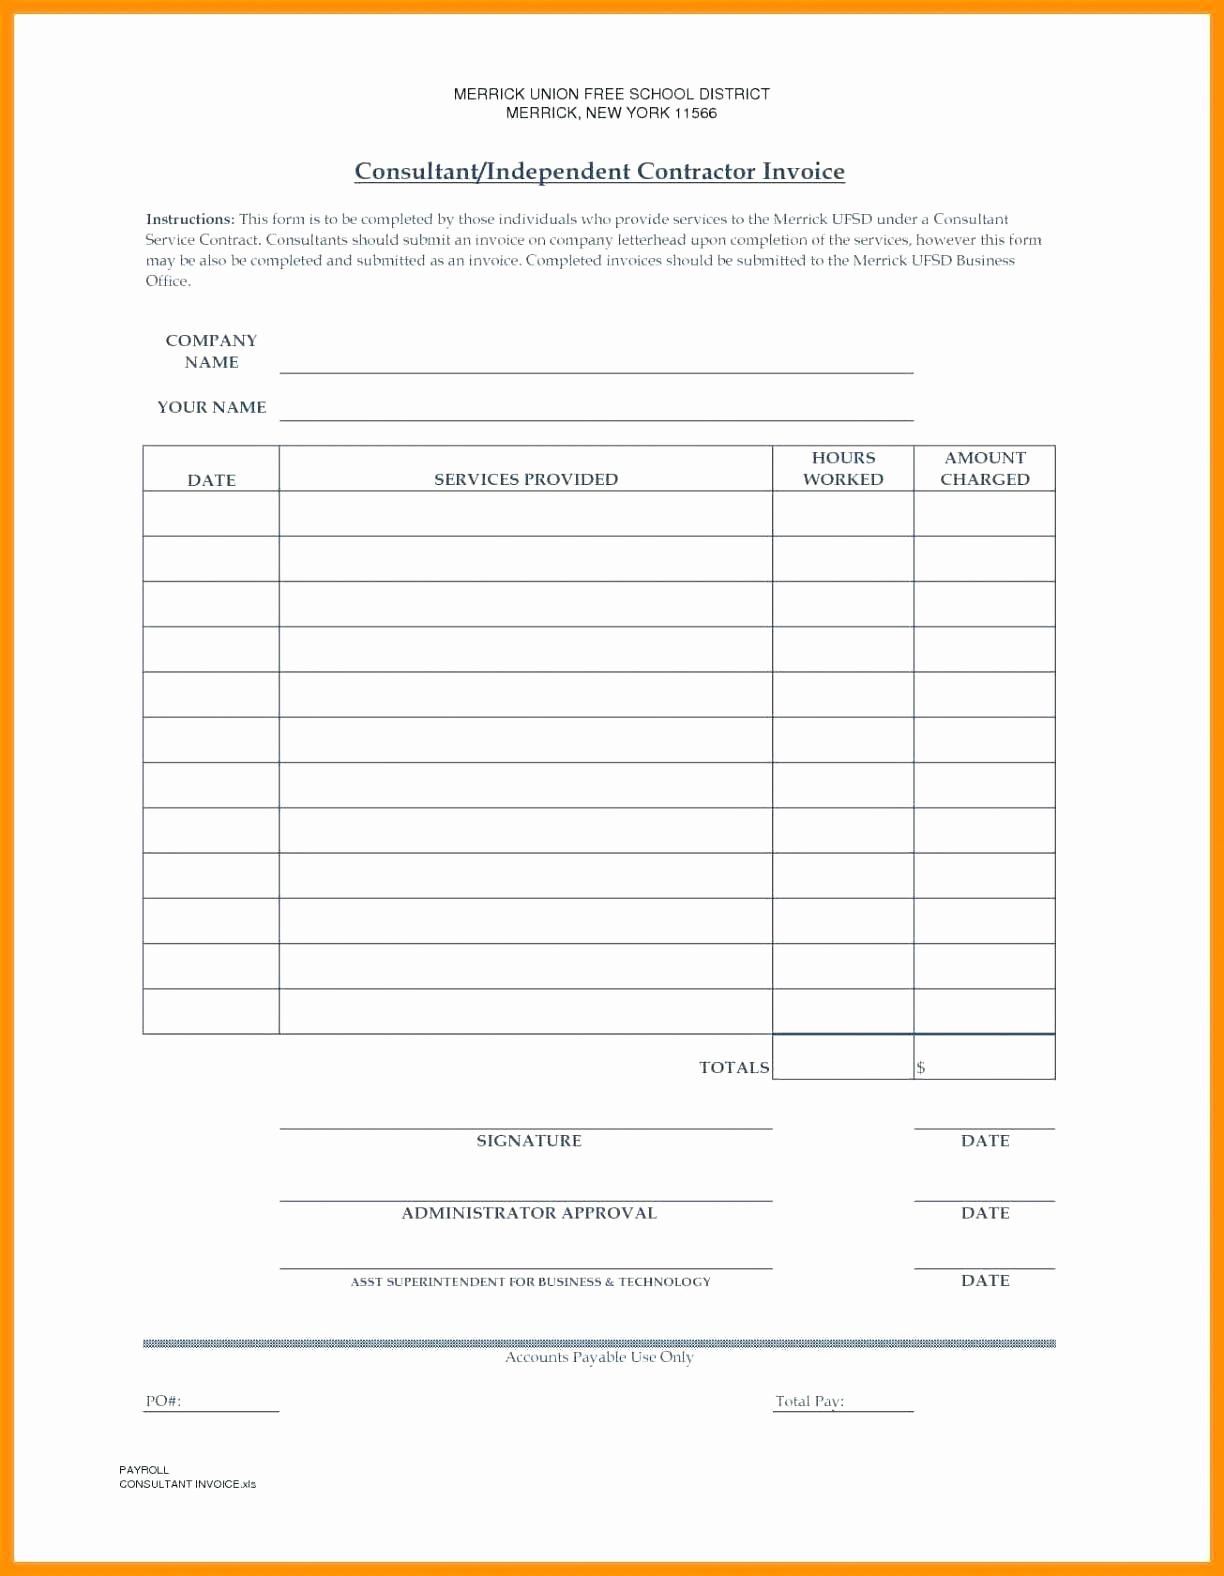 Ebay Inventory Spreadsheet New Ebay Inventory Spreadsheet